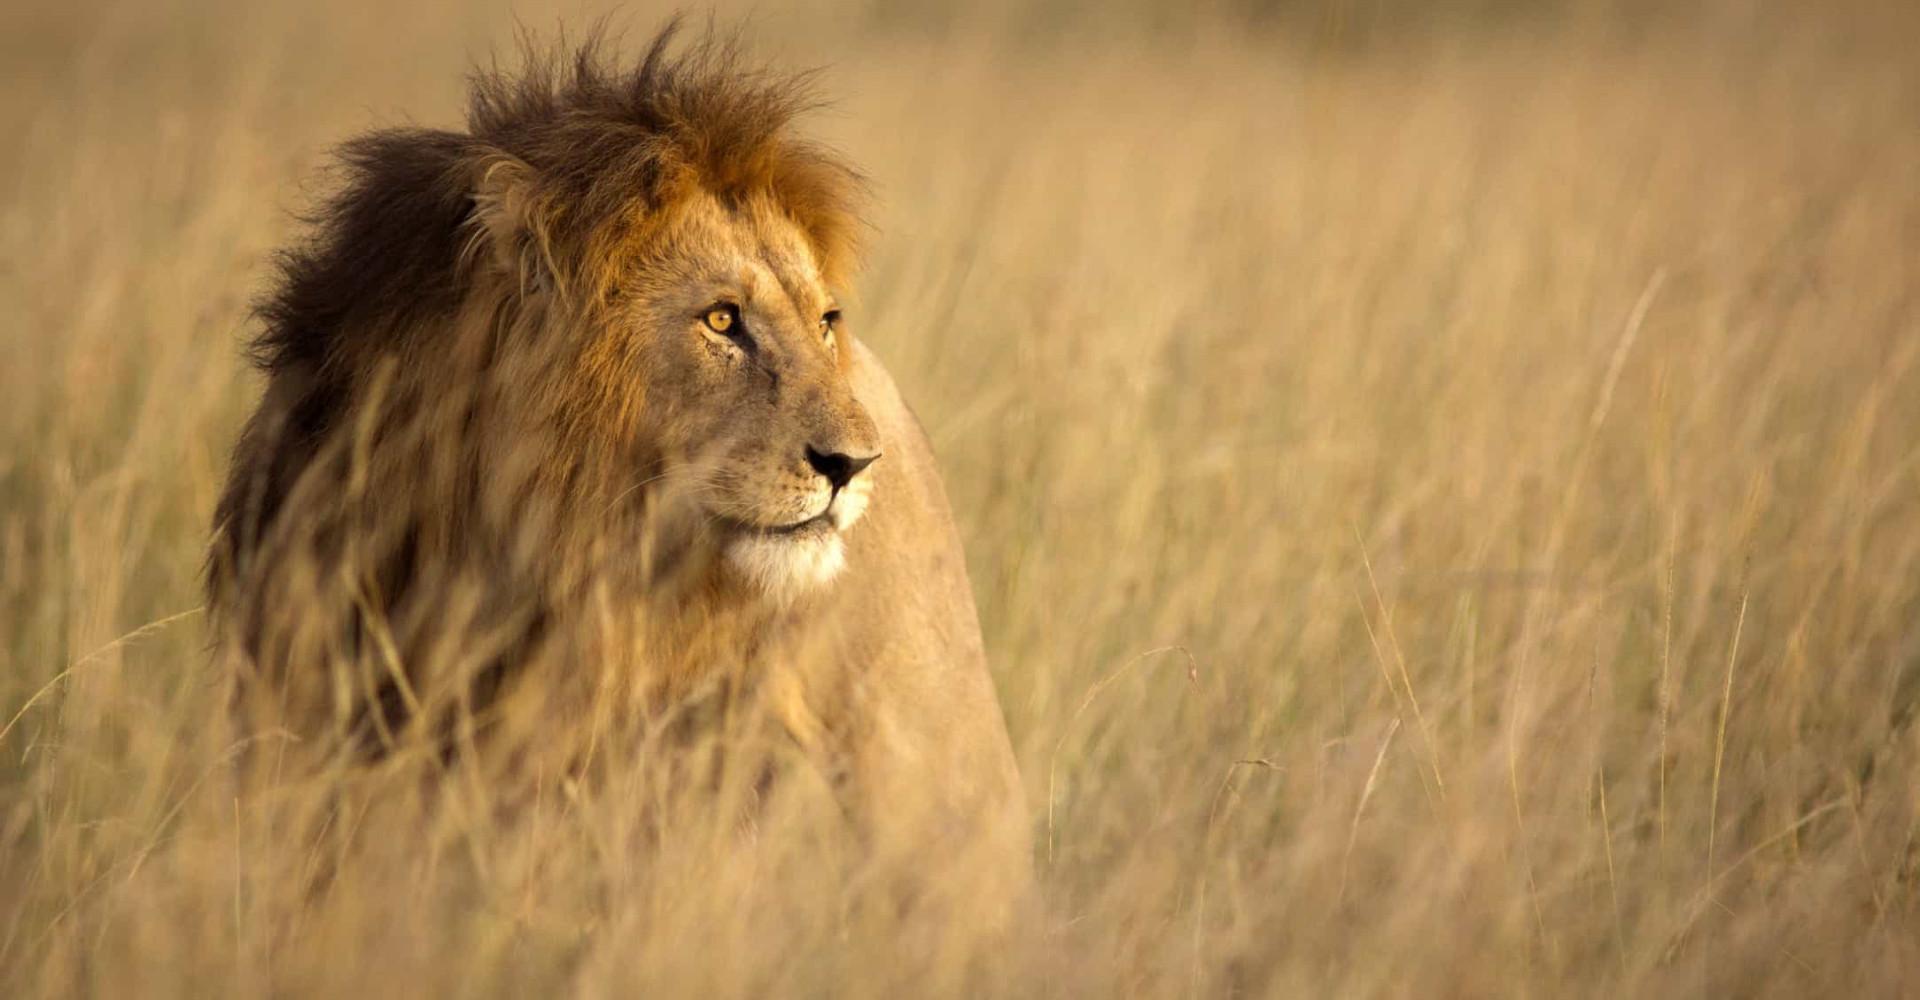 Imminent risk: animals under threat of extinction